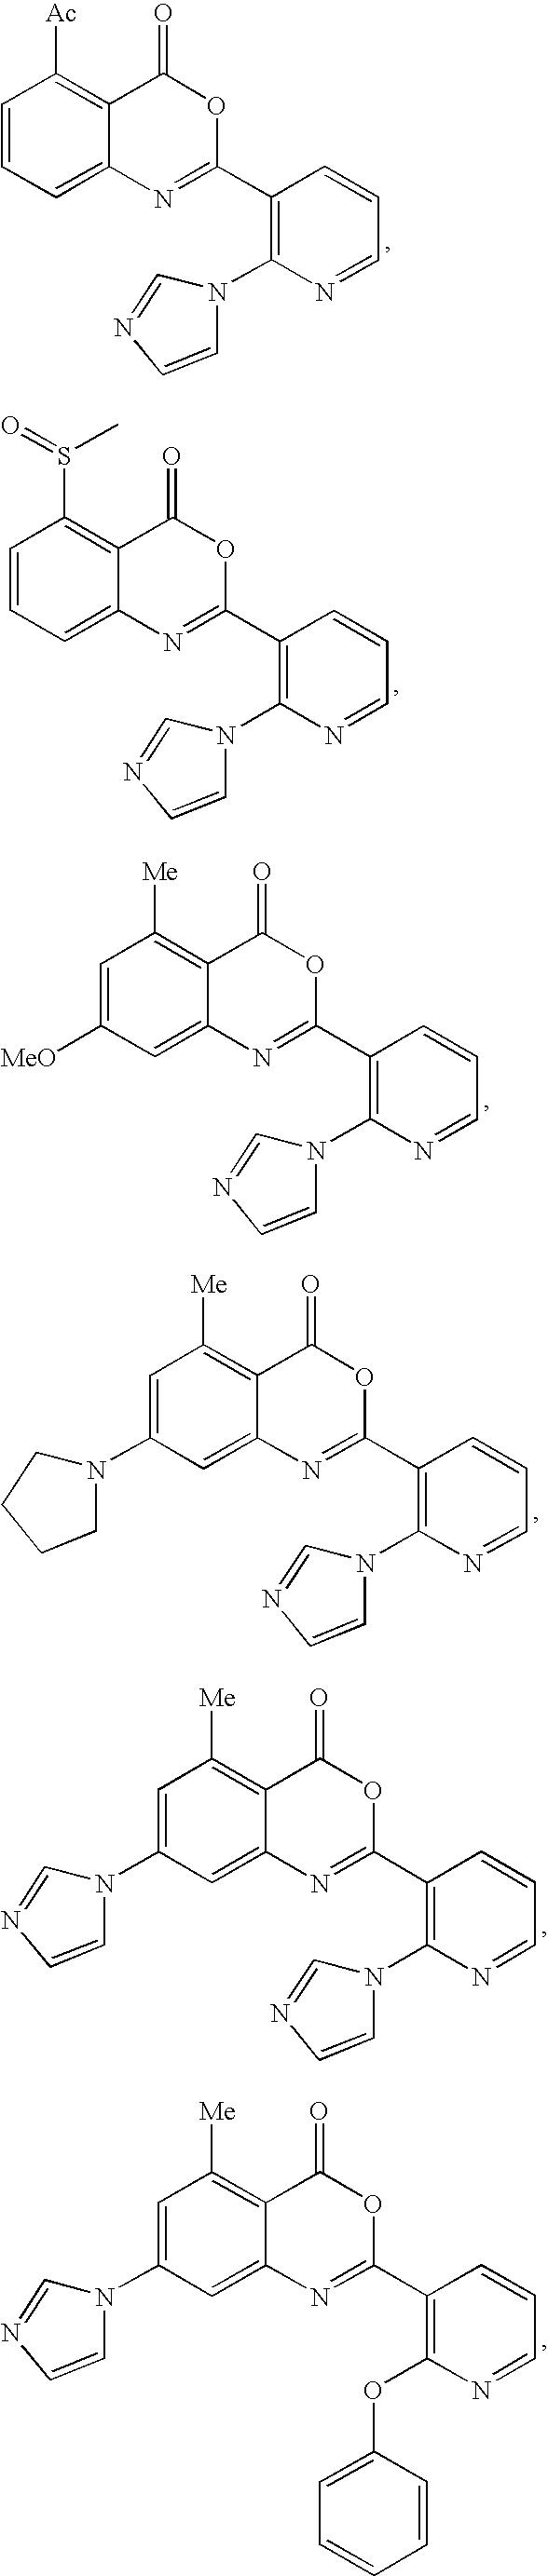 Figure US20080161290A1-20080703-C00036